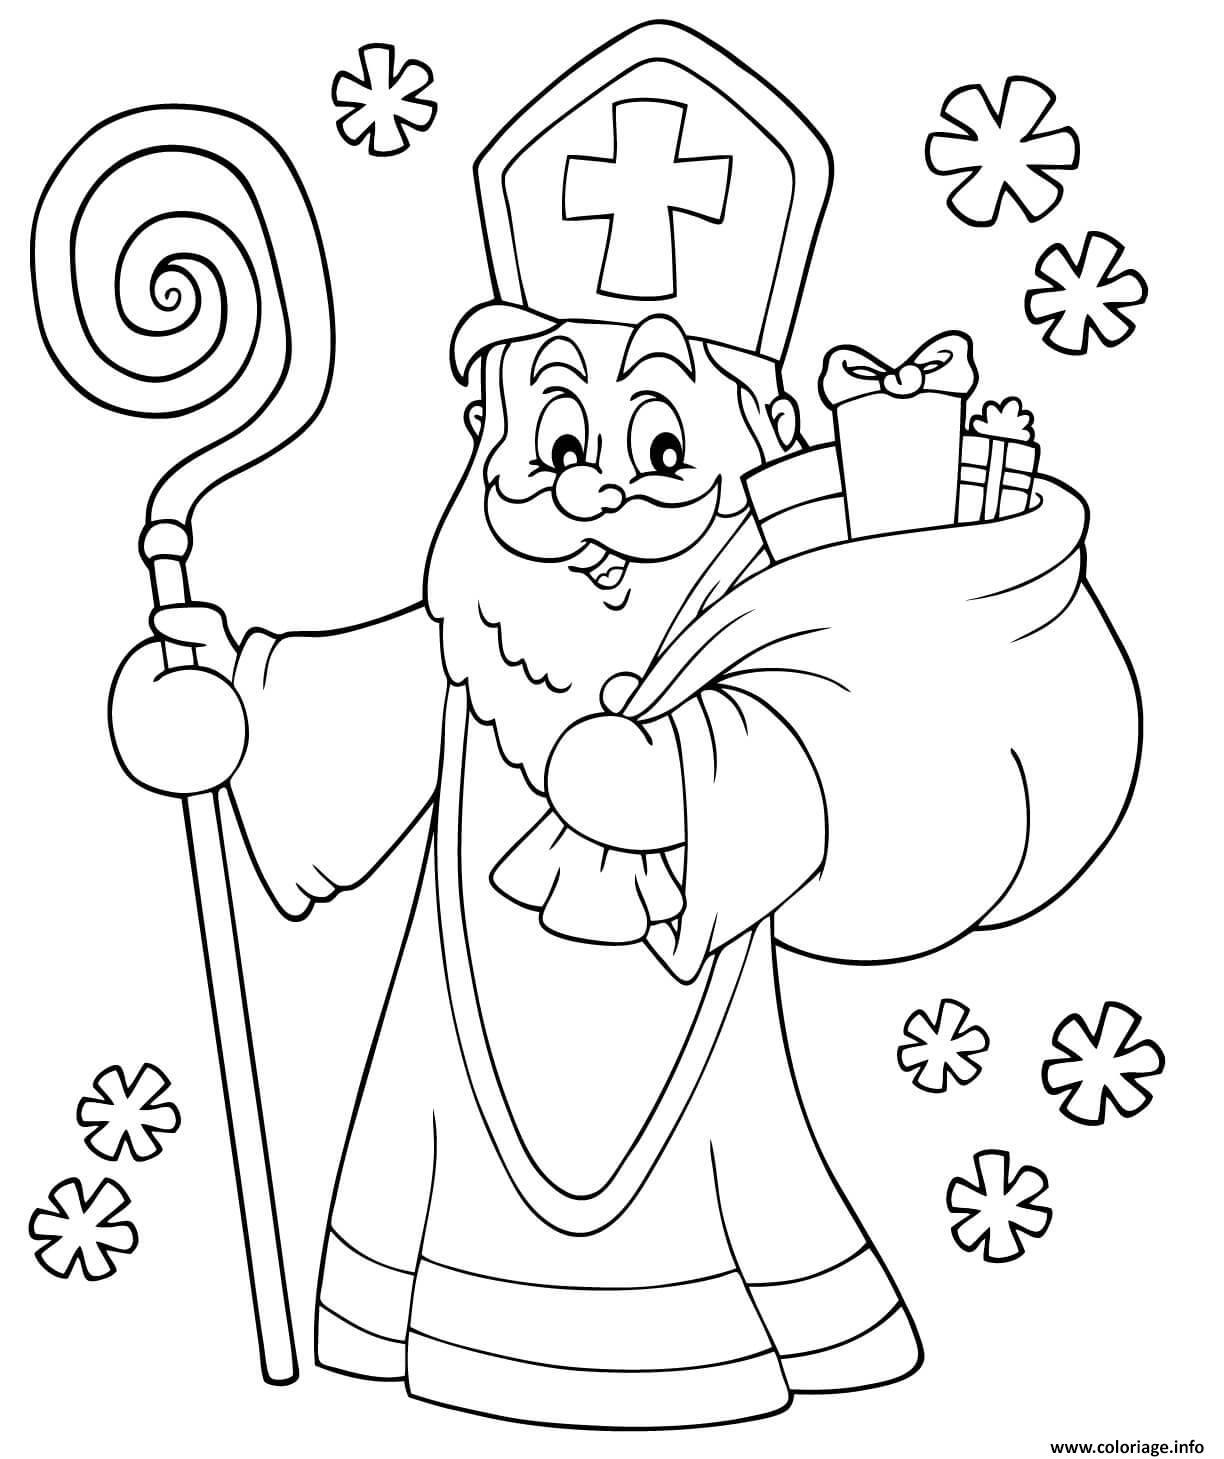 Dessin saint nicolas 5 decembre 6 decembre 19 decembre fete Coloriage Gratuit à Imprimer